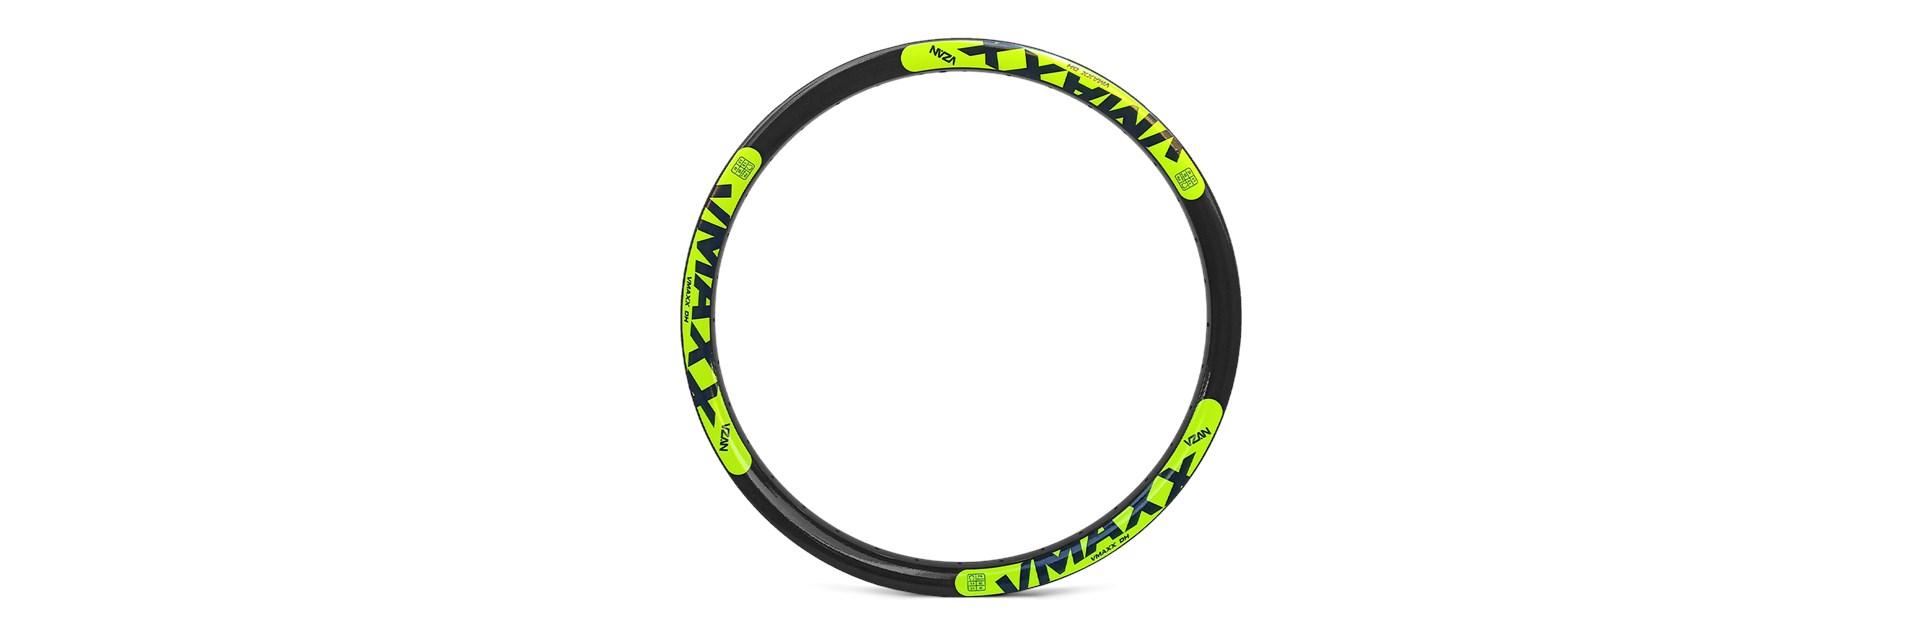 Aro Vmaxx Lt 26/36F Preto Disc - Ad Amarelo Neon